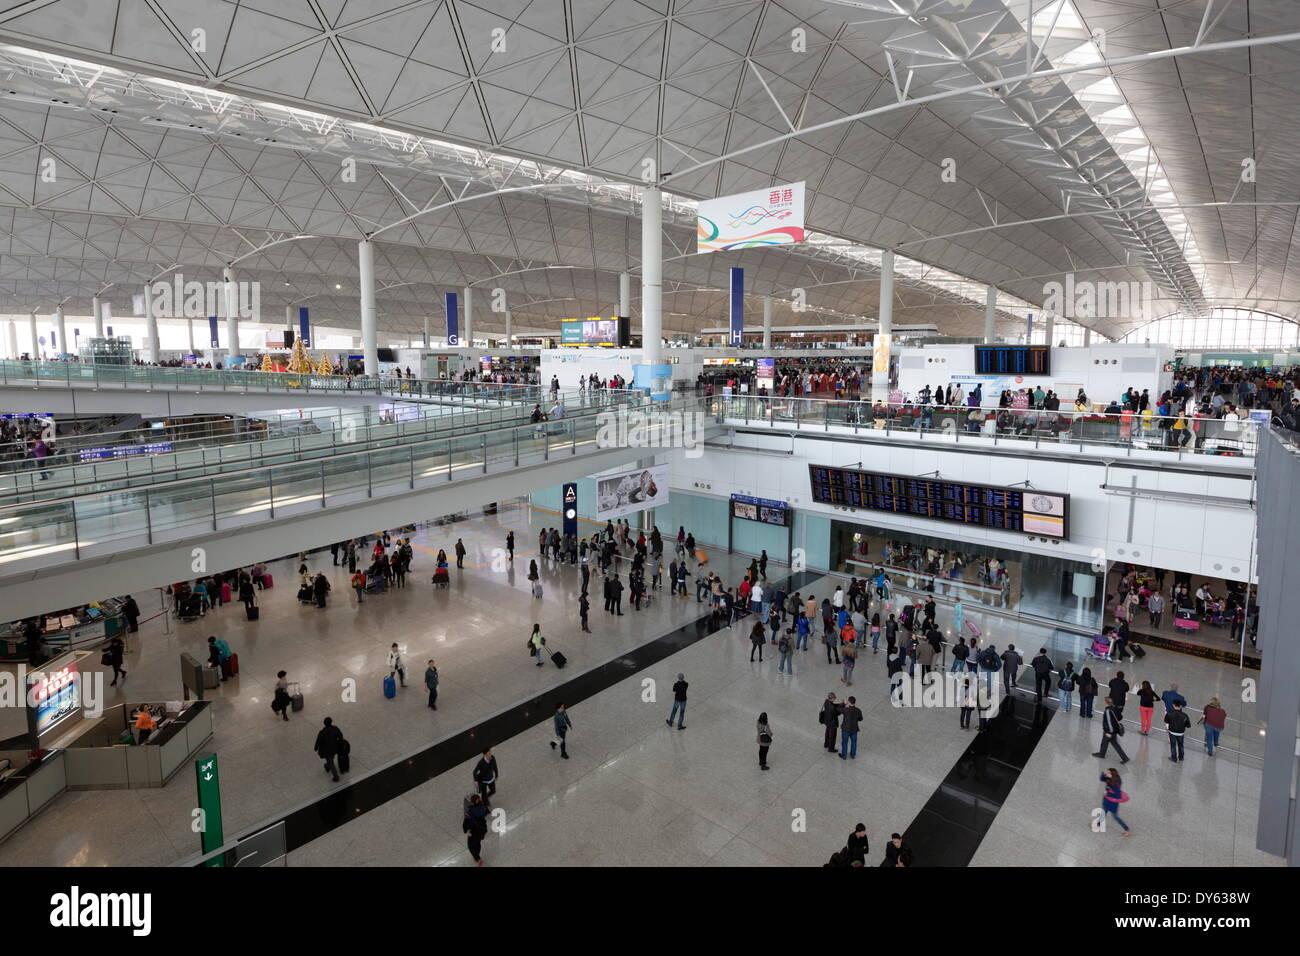 Hong Kong International Airport, Chek Lap Kok Island, Hong Kong, China, Asia - Stock Image